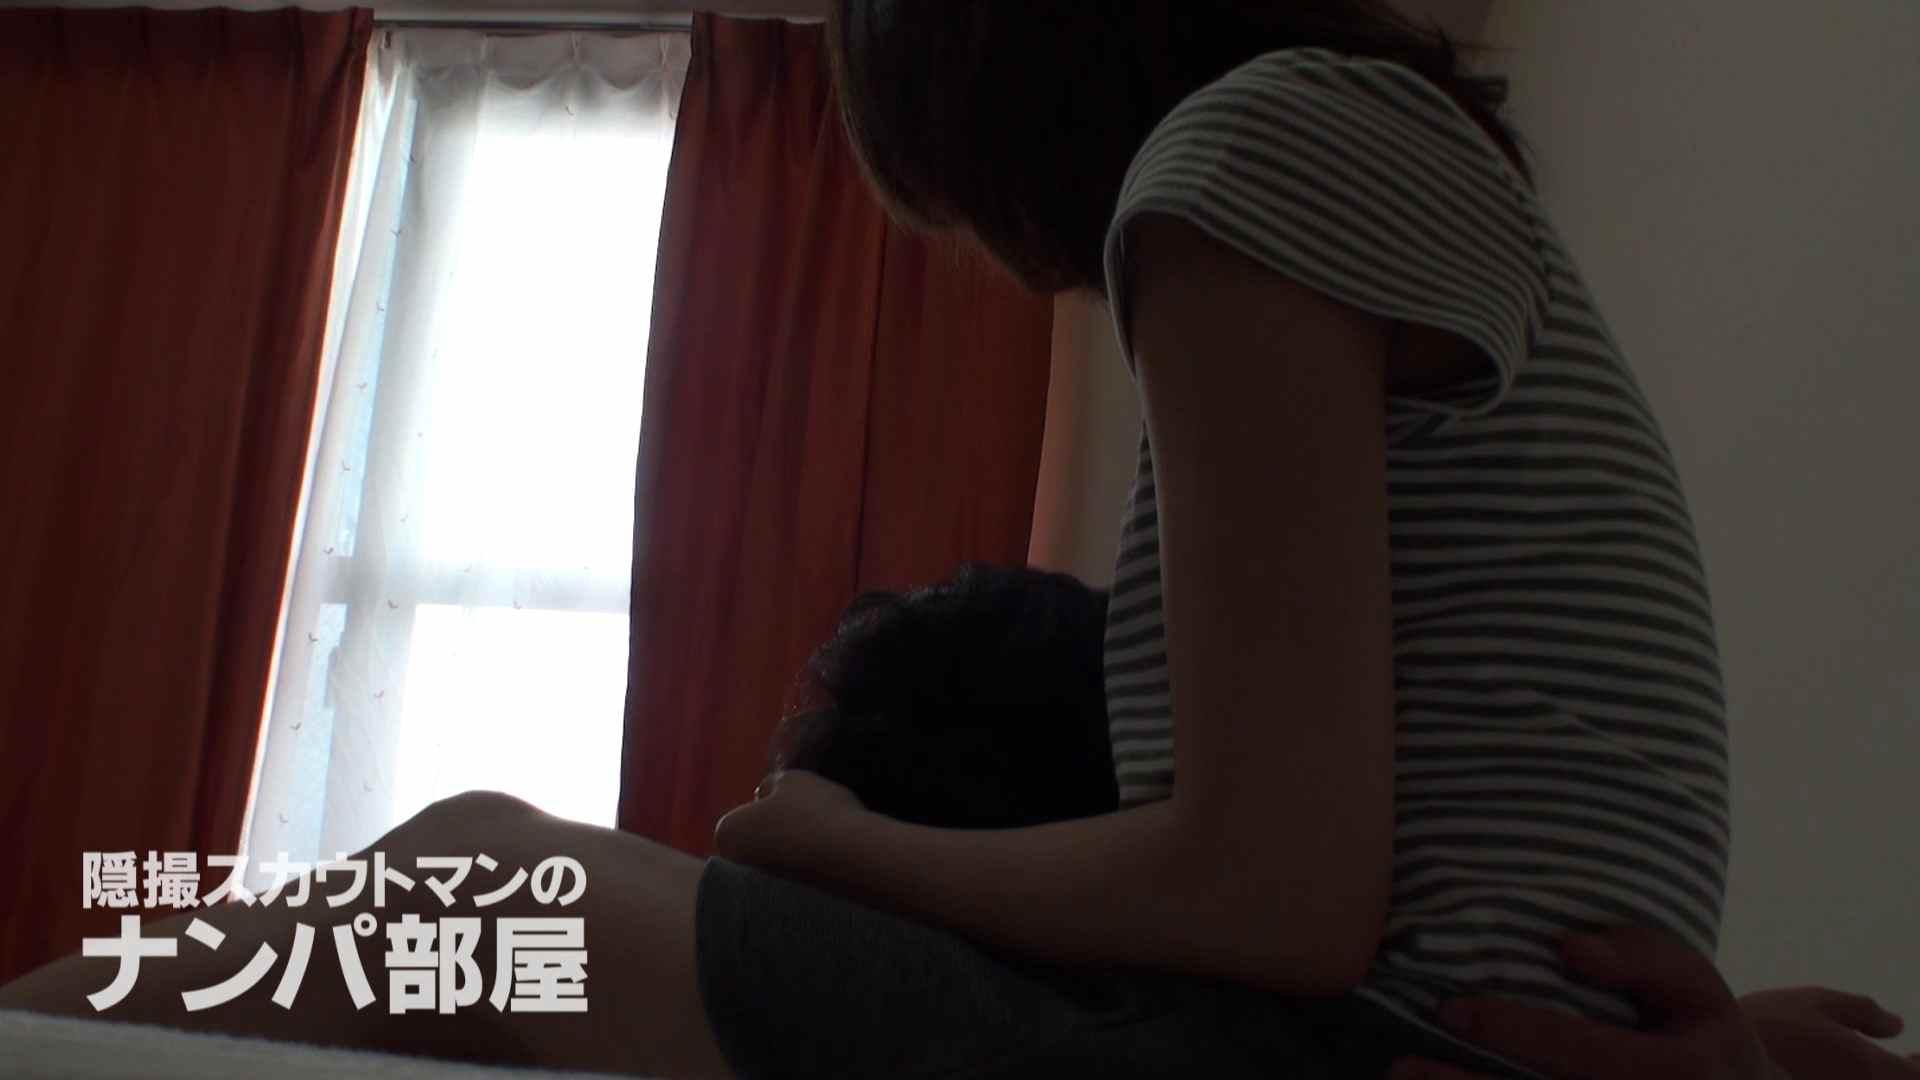 隠撮スカウトマンのナンパ部屋~風俗デビュー前のつまみ食い~ siivol.3 エッチなOL  74pic 40